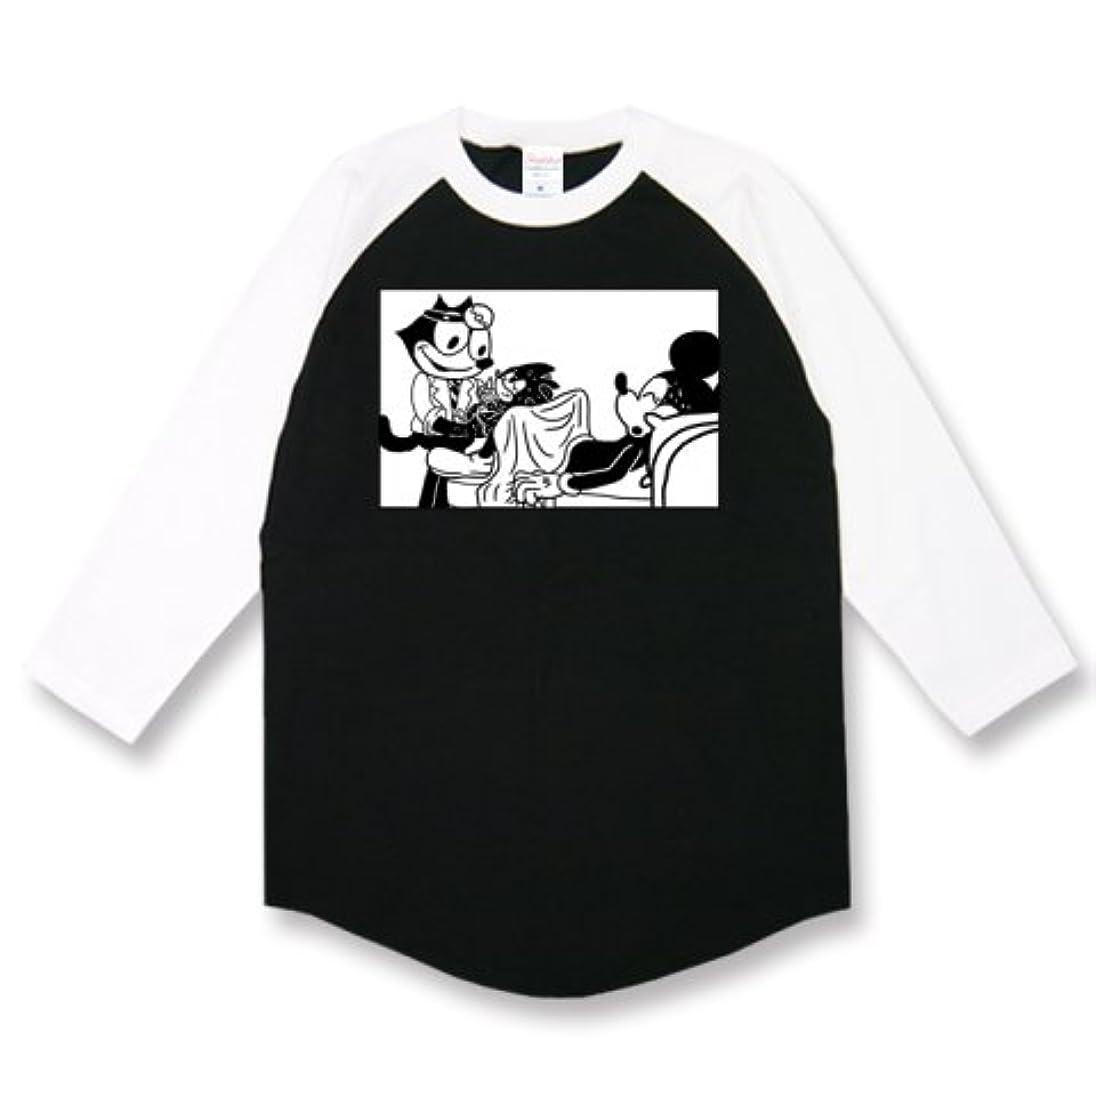 ジョットディボンドン肝遮るフィリックス ザ キャット Felix The Cat セクシー エロ 変態 パロディ メンズ レディース ユニセックス ラグラン七分丈Tシャツ